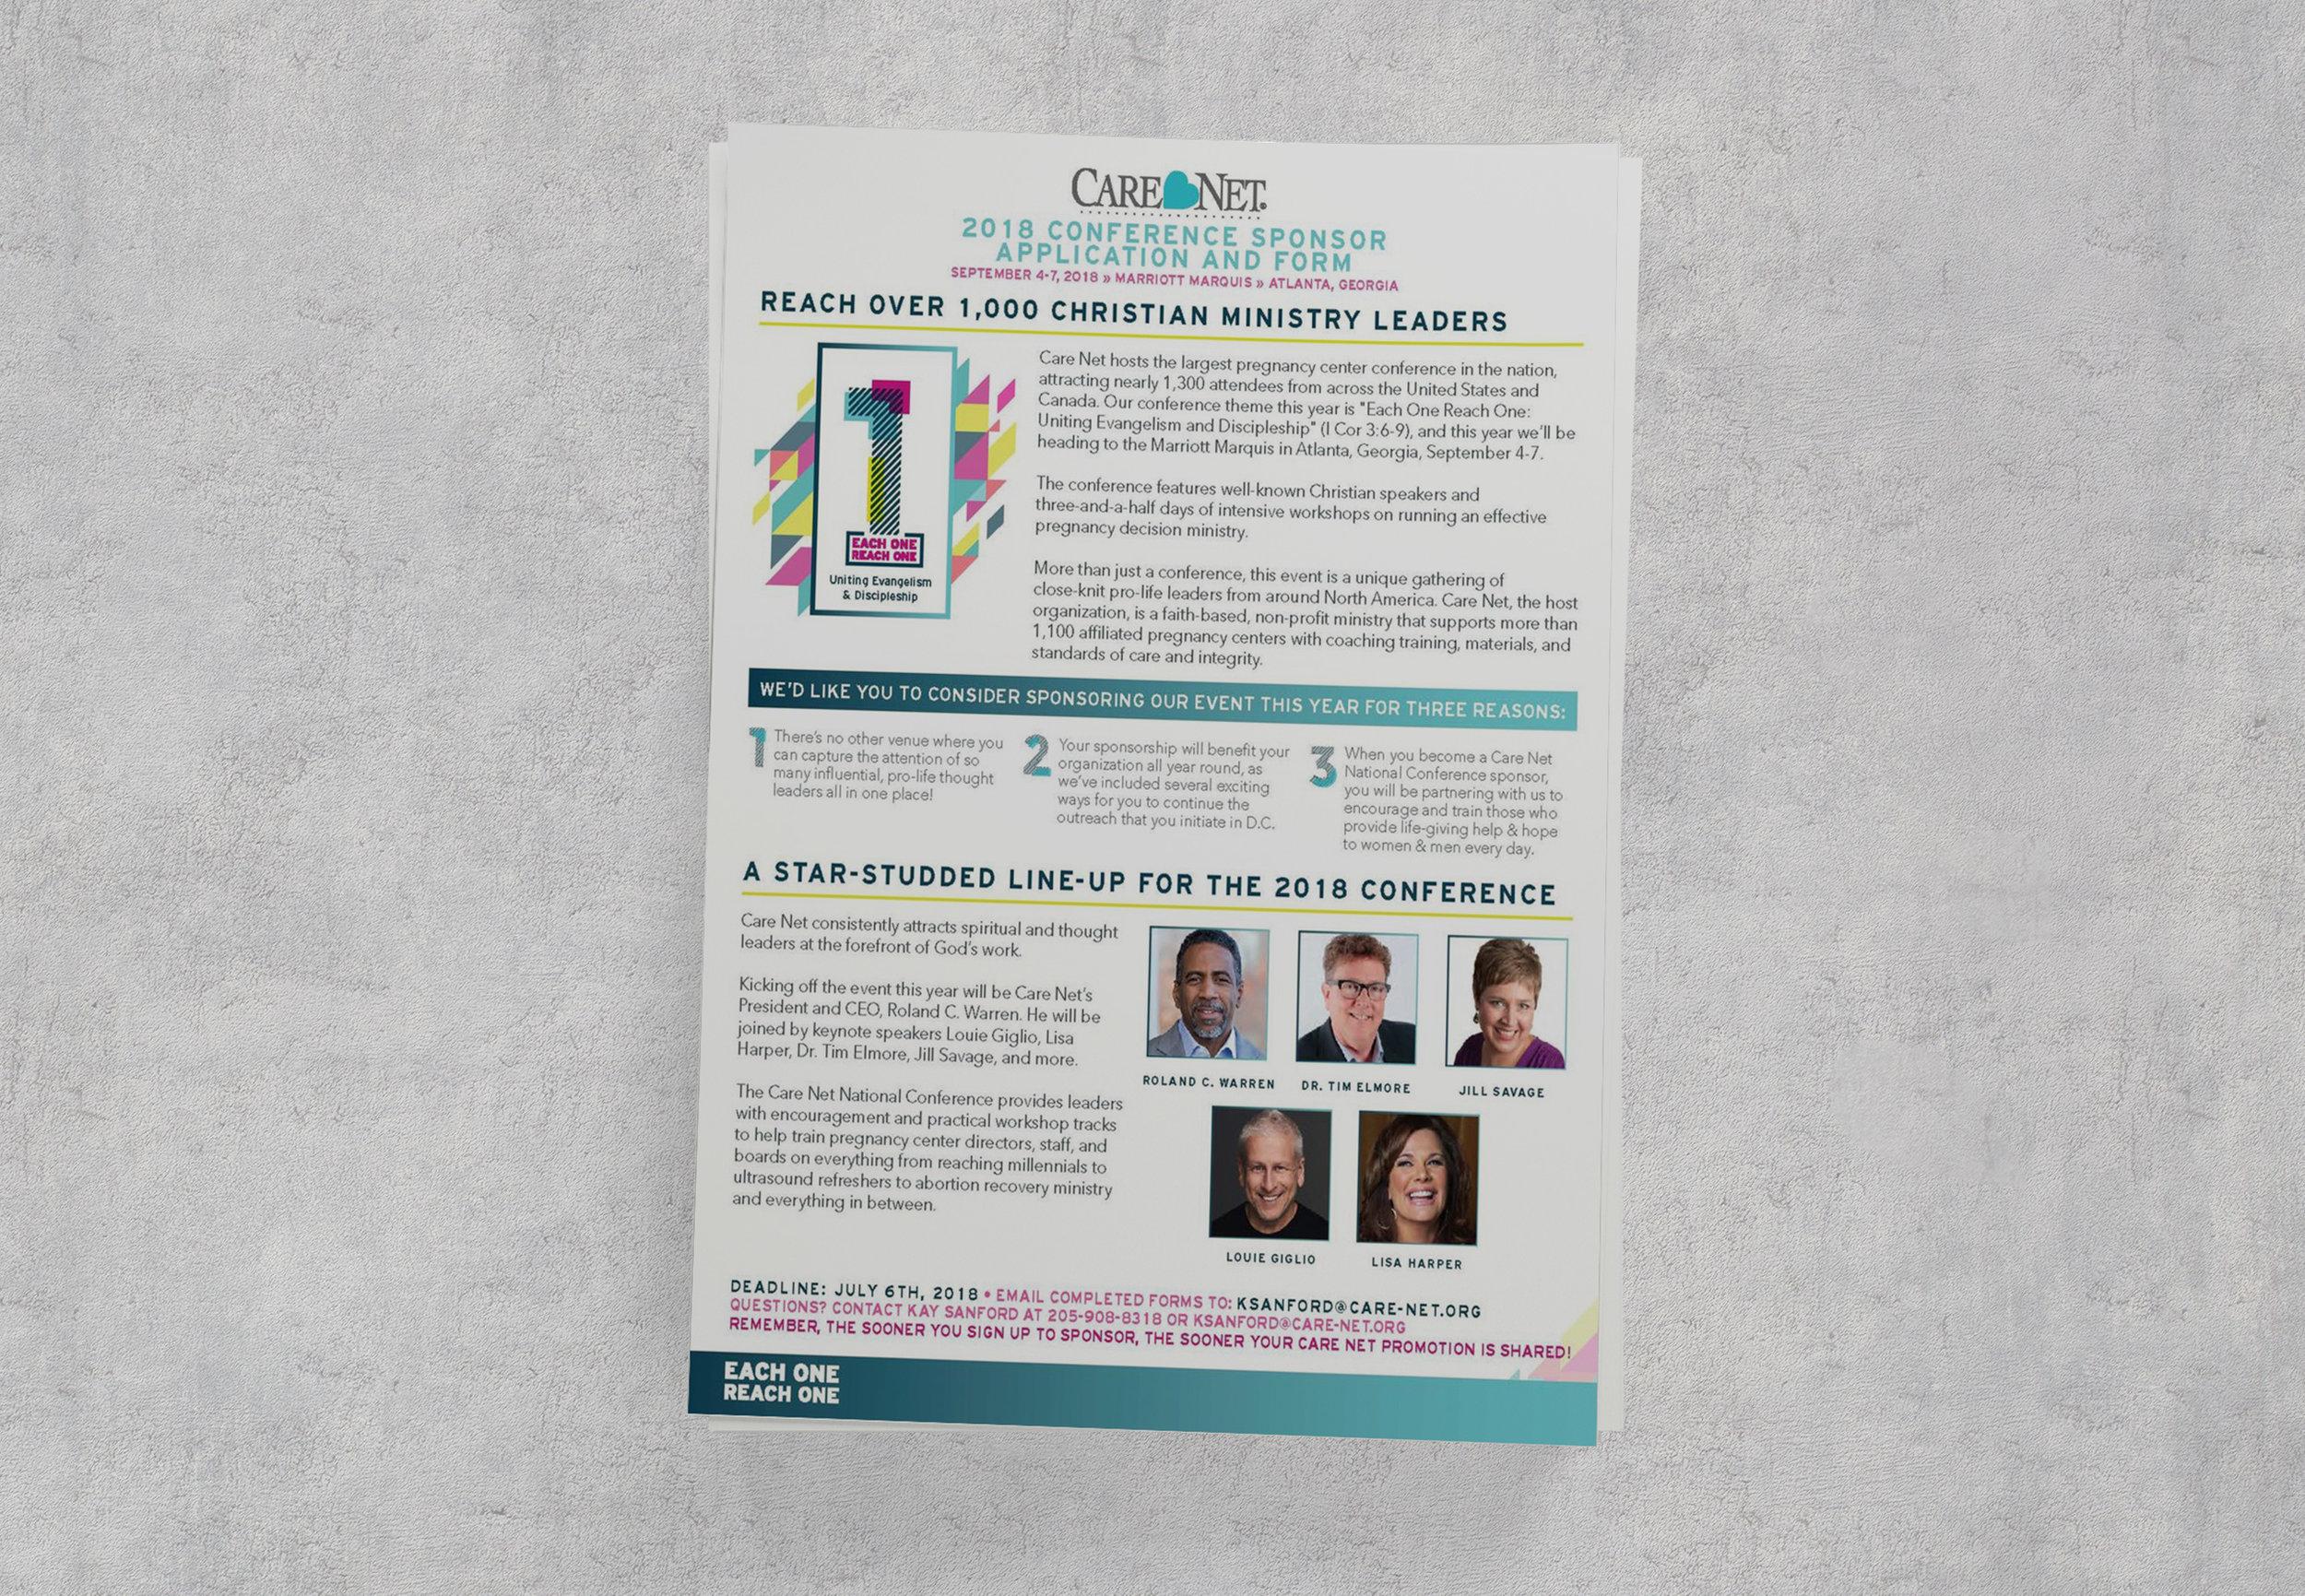 Care Net Conference Sponsor Information